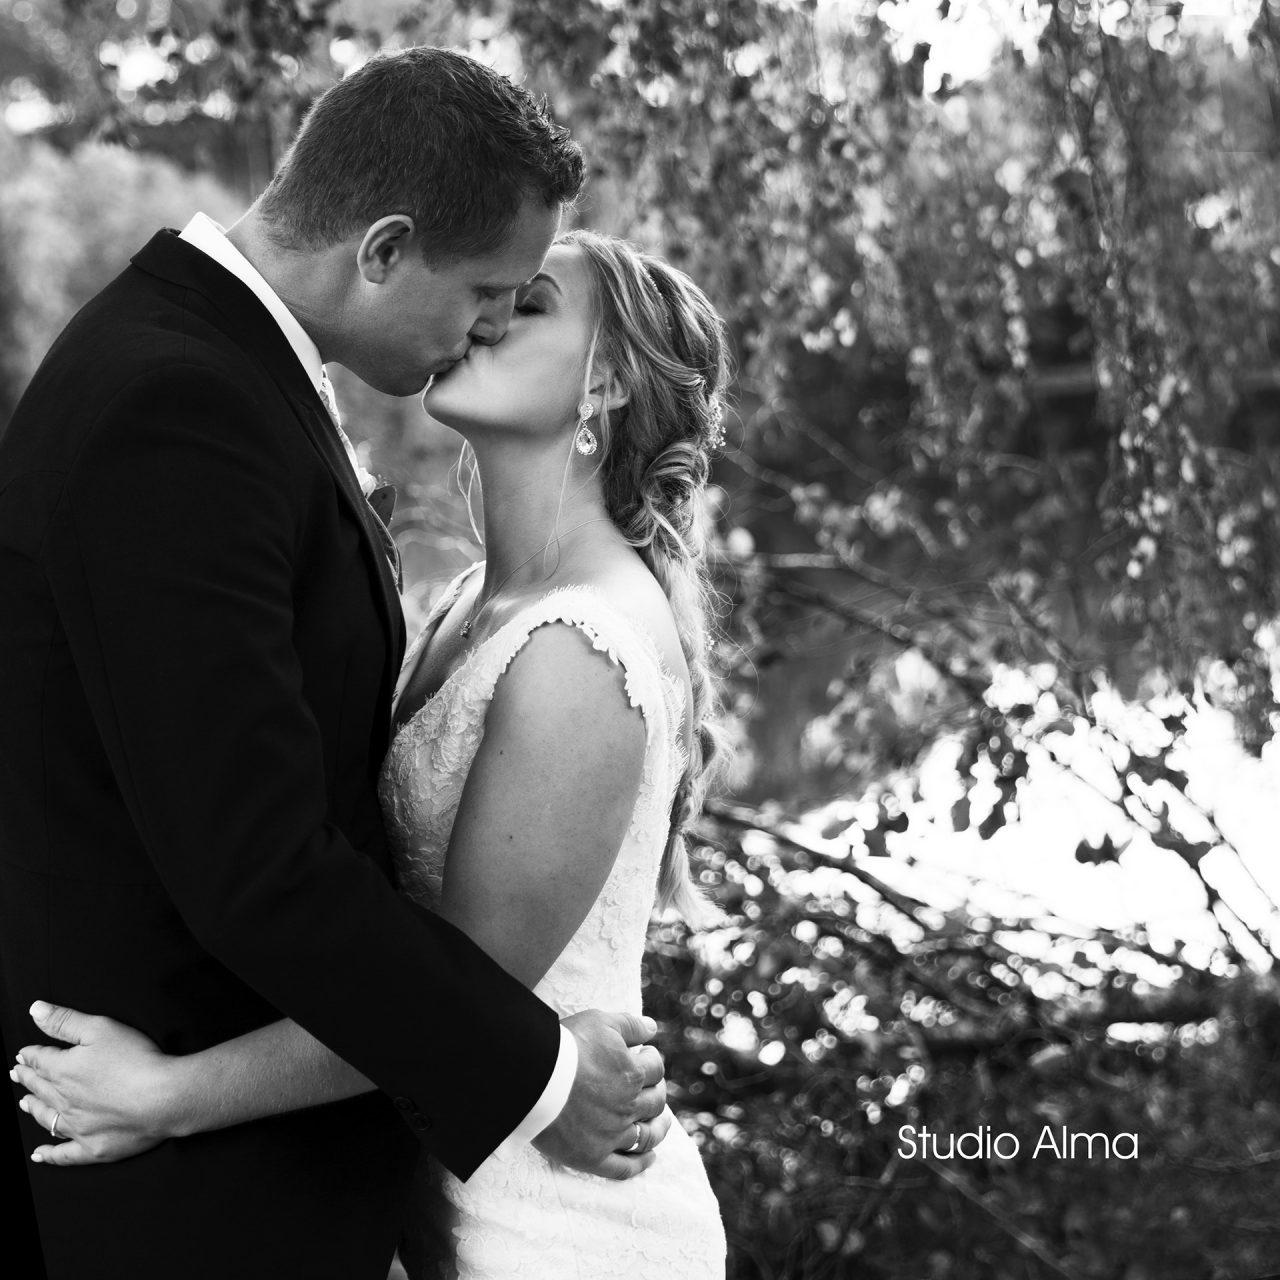 brudepar-studioalma-kiss-fotograf